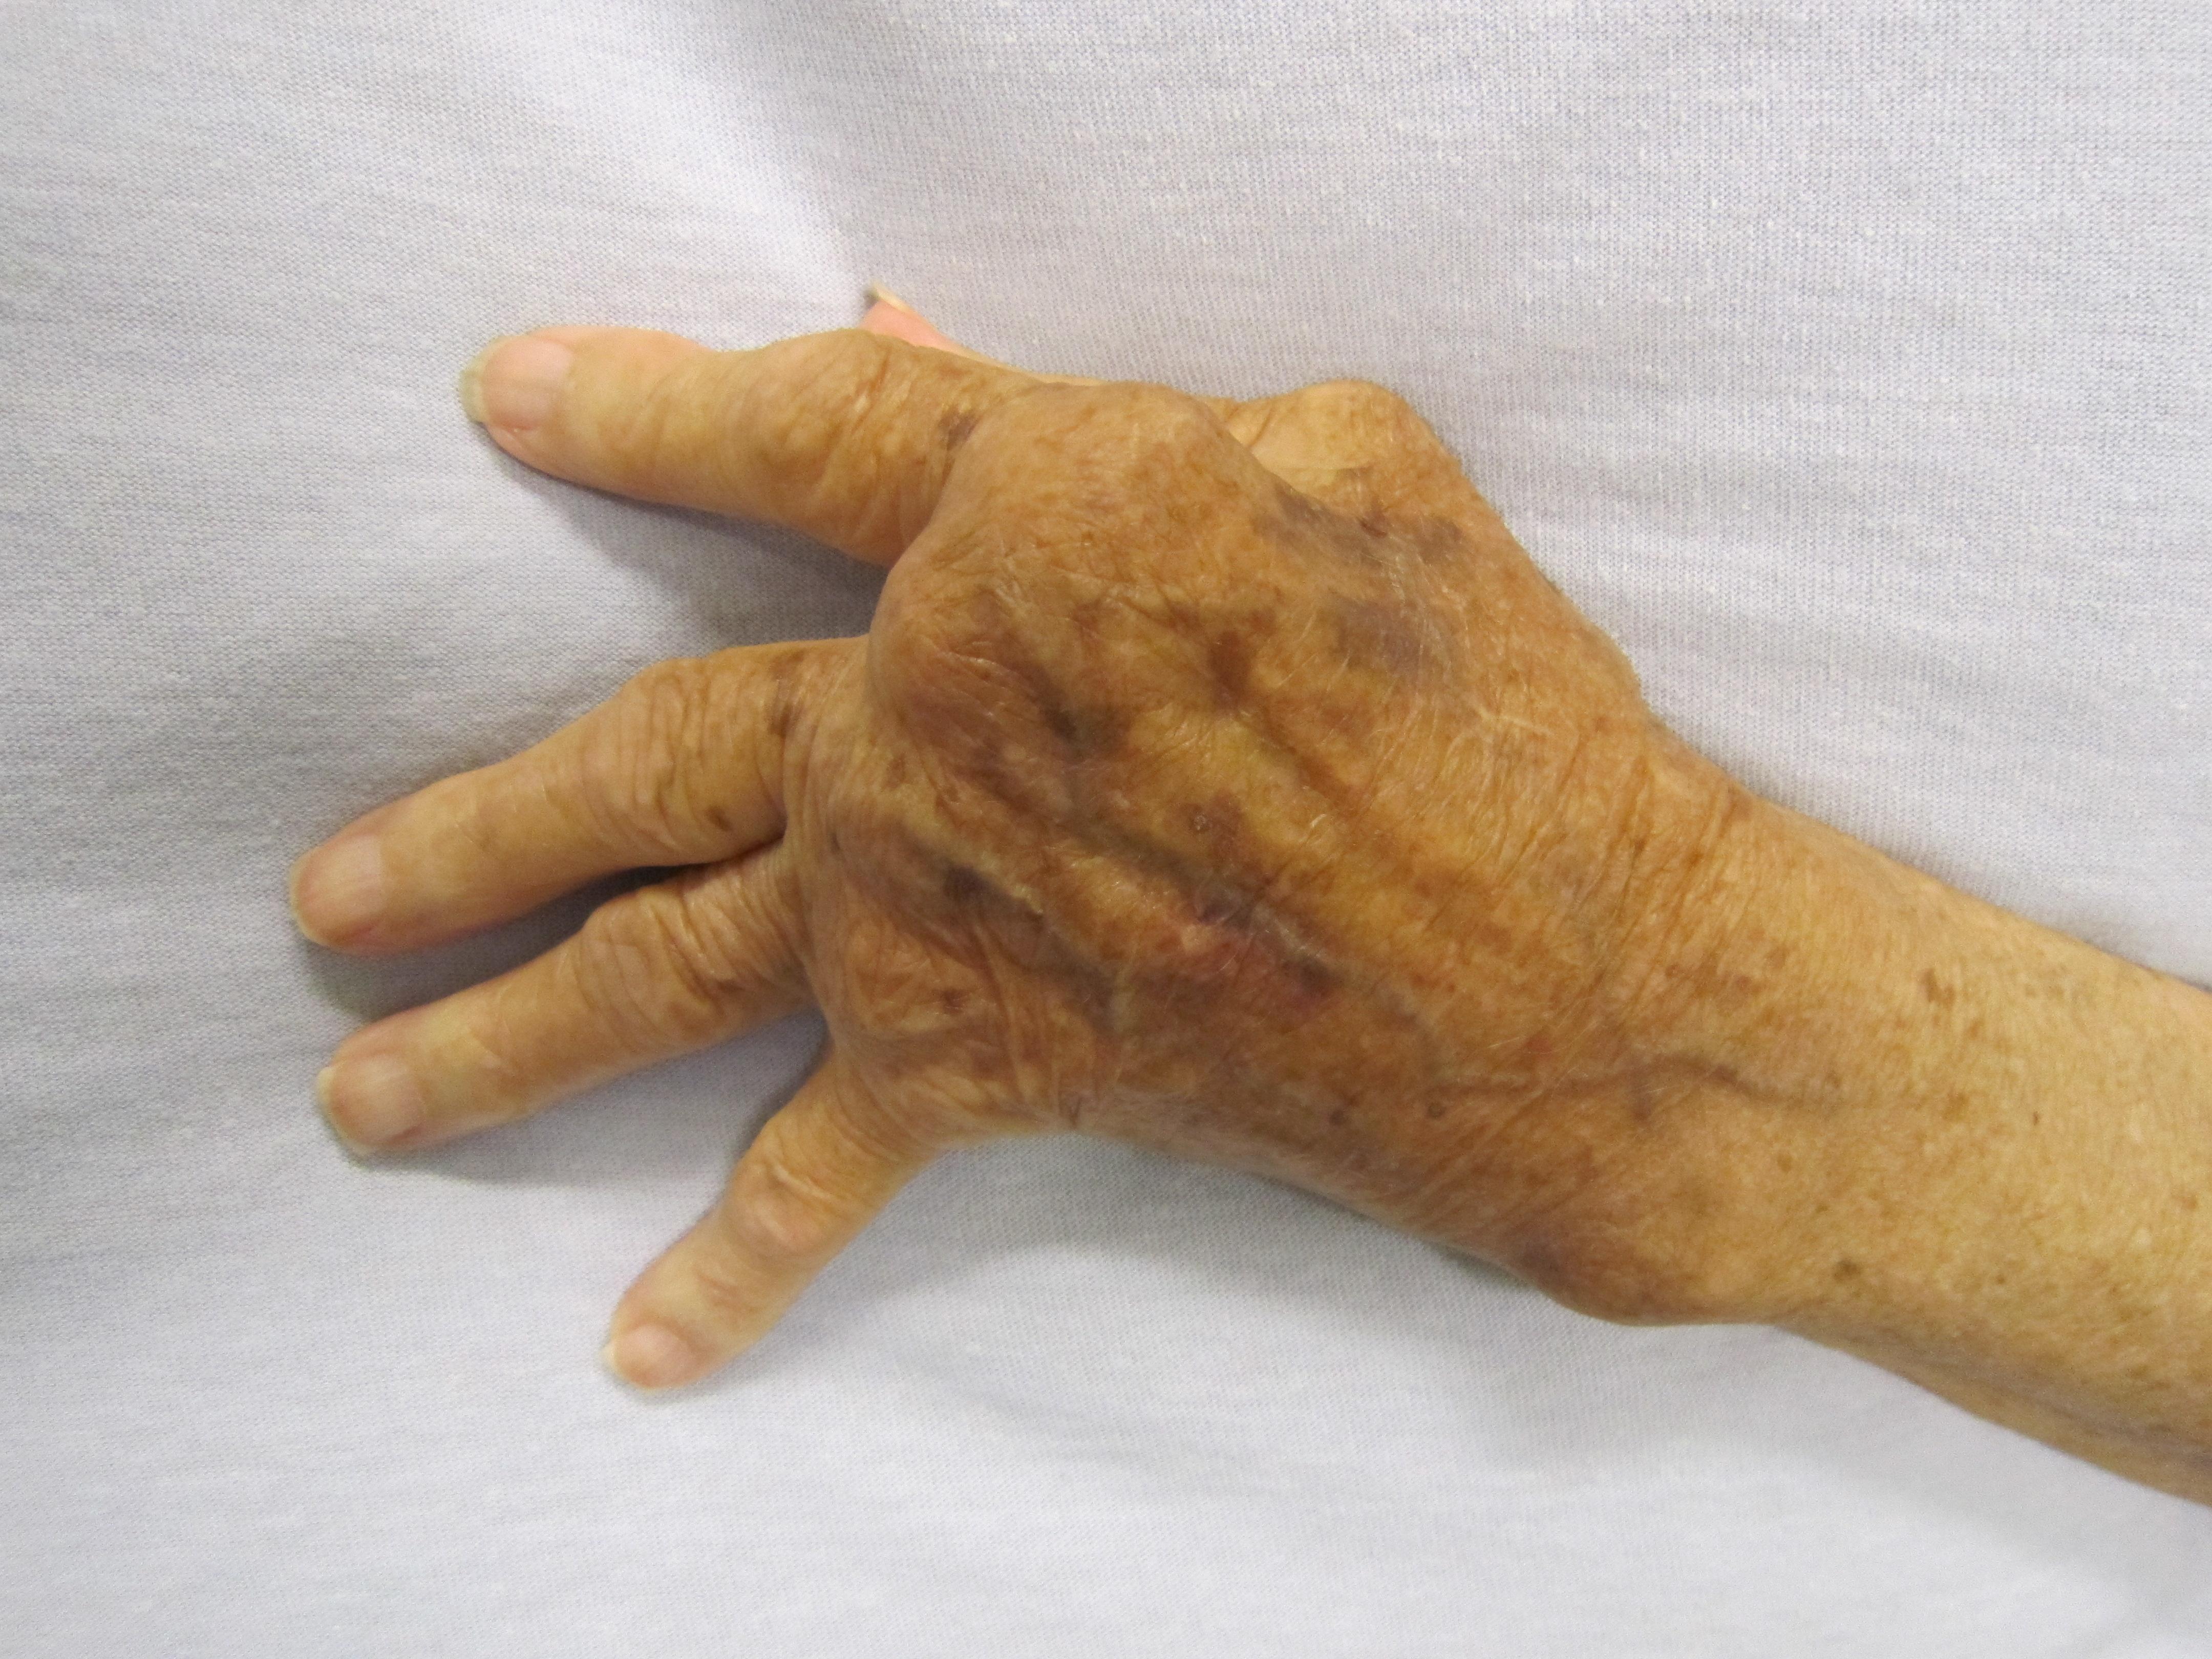 hogyan lehet gyógyítani a rheumatoid arthritis hogyan kezeljük)